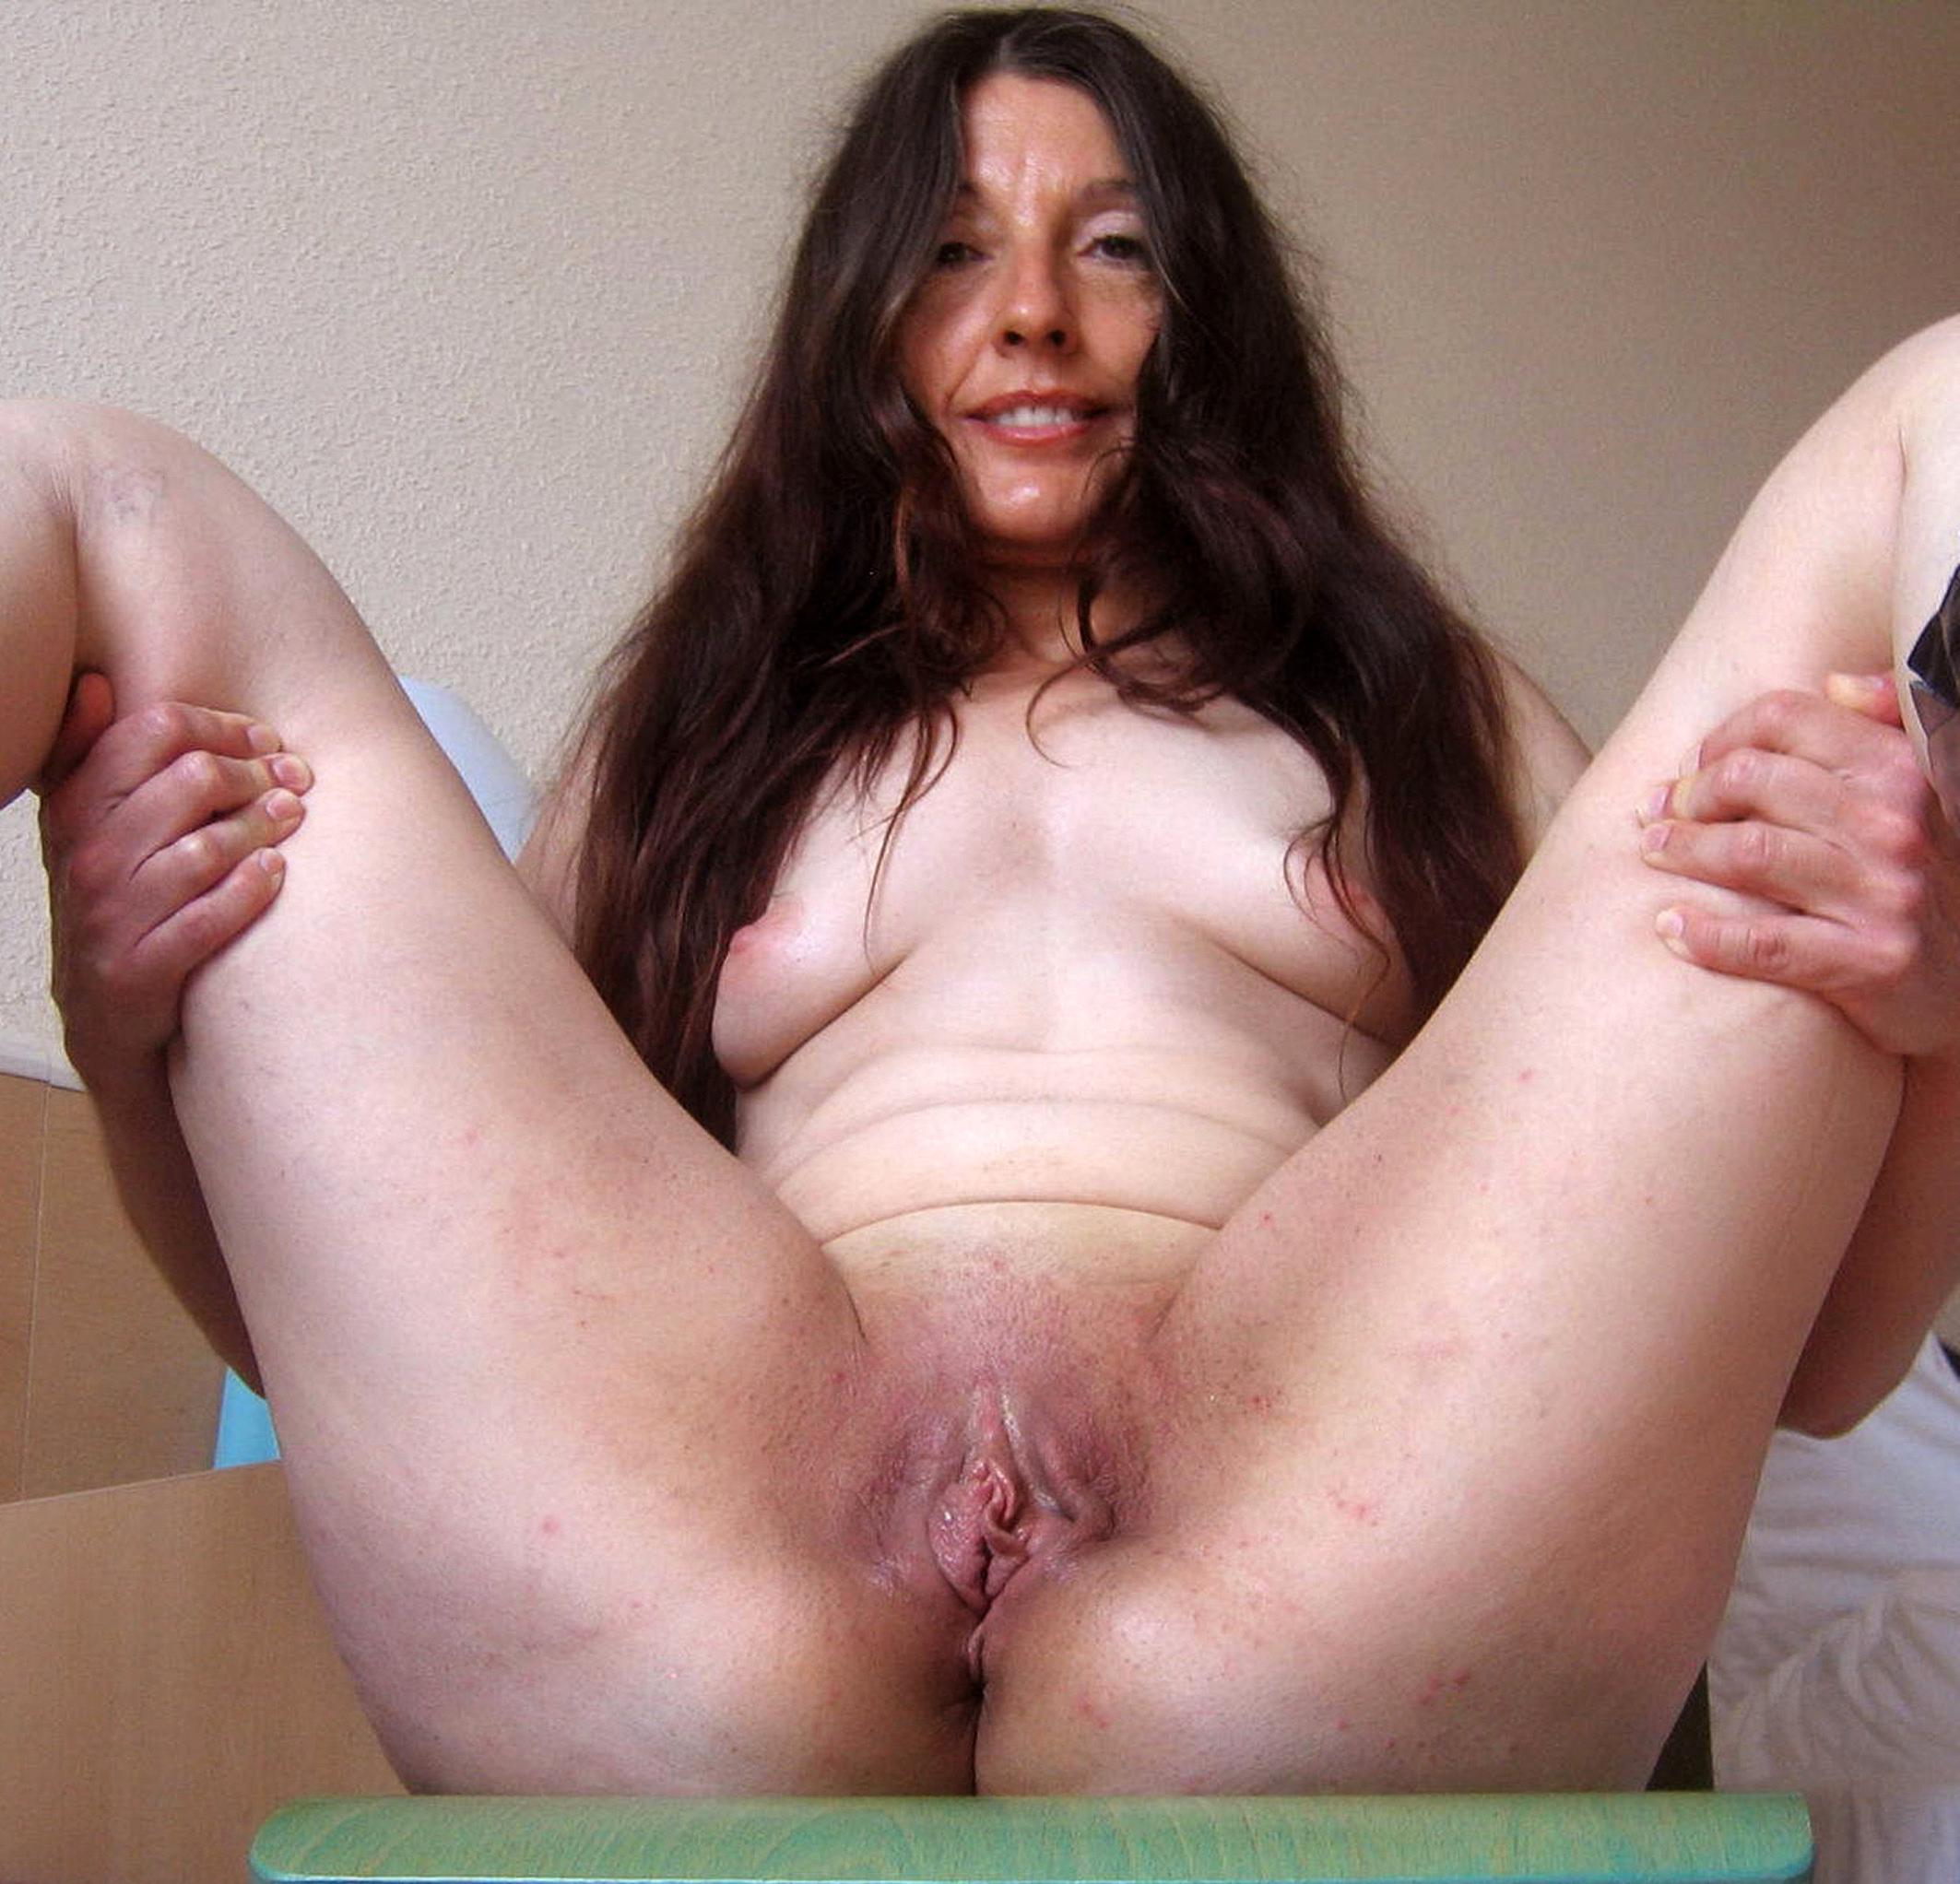 Amateur Women's Pussy